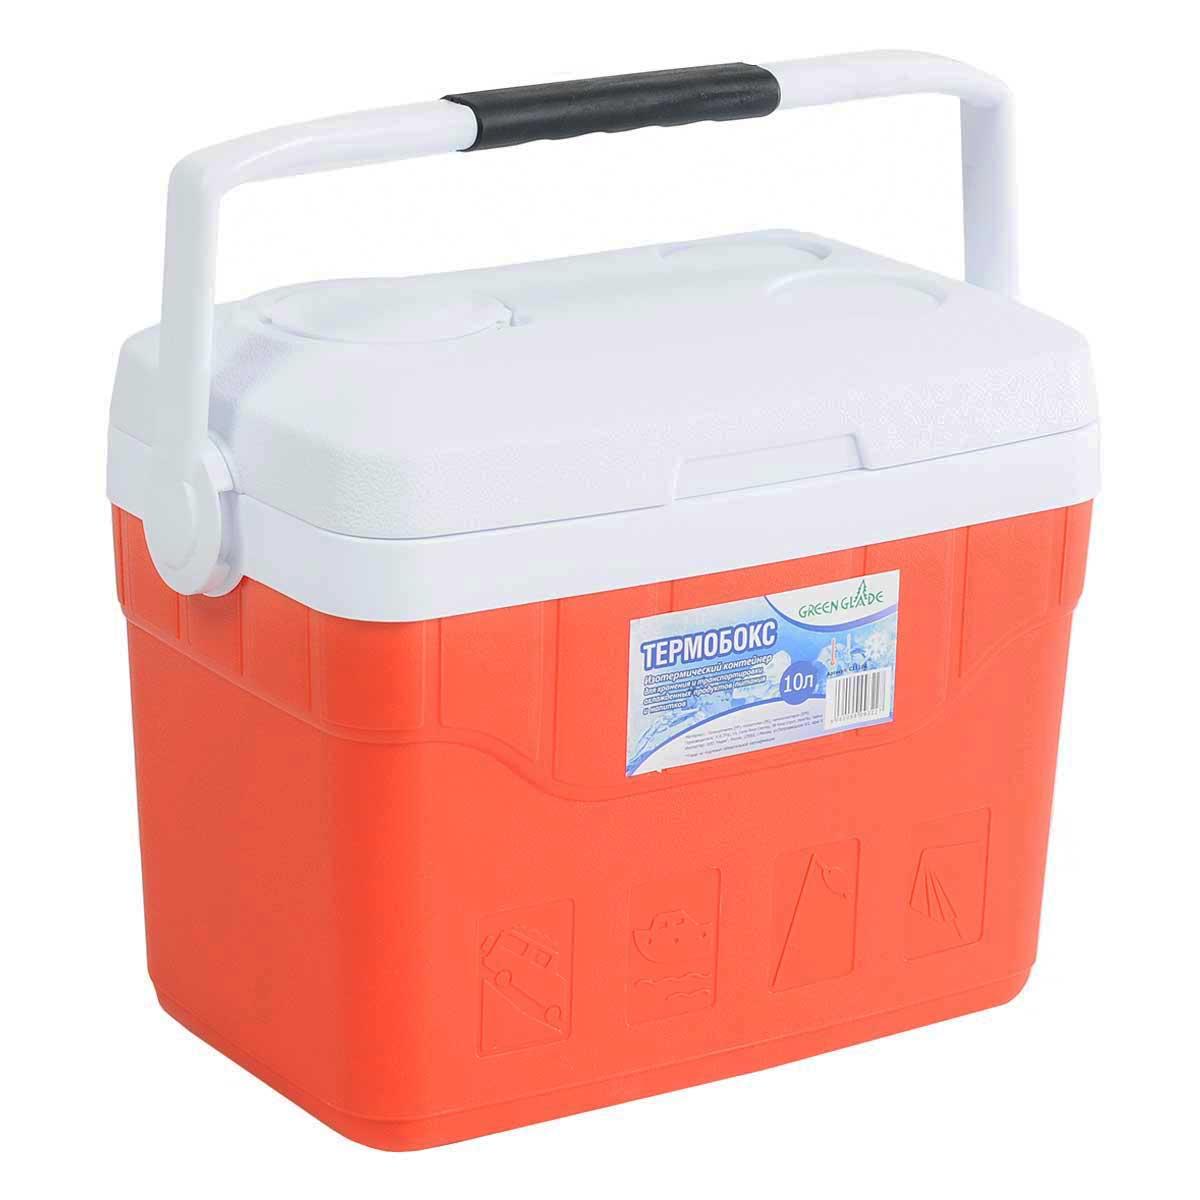 Контейнер изотермический Green Glade, цвет: красный, 10 л96281389Легкий и прочный изотермический контейнер Green Glade предназначен для сохранения определенной температуры продуктов во время длительных поездок. Корпус и крышка контейнера изготовлены из высококачественного пластика. Между двойными стенками находится термоизоляционный слой, который обеспечивает сохранение температуры. При использовании аккумулятора холода, контейнер обеспечивает сохранение продуктов холодными на 8-10 часов. Подвижная ручка делает более удобной переноску контейнера. Крышка может быть использована в качестве подноса. В ней имеются три углубления для стаканчиков.Контейнер идеально подходит для отдыха на природе, пикников, туристических походов и путешествий.Объем контейнера: 10 л.Размер контейнера: 35 см х 30 см х20 см.